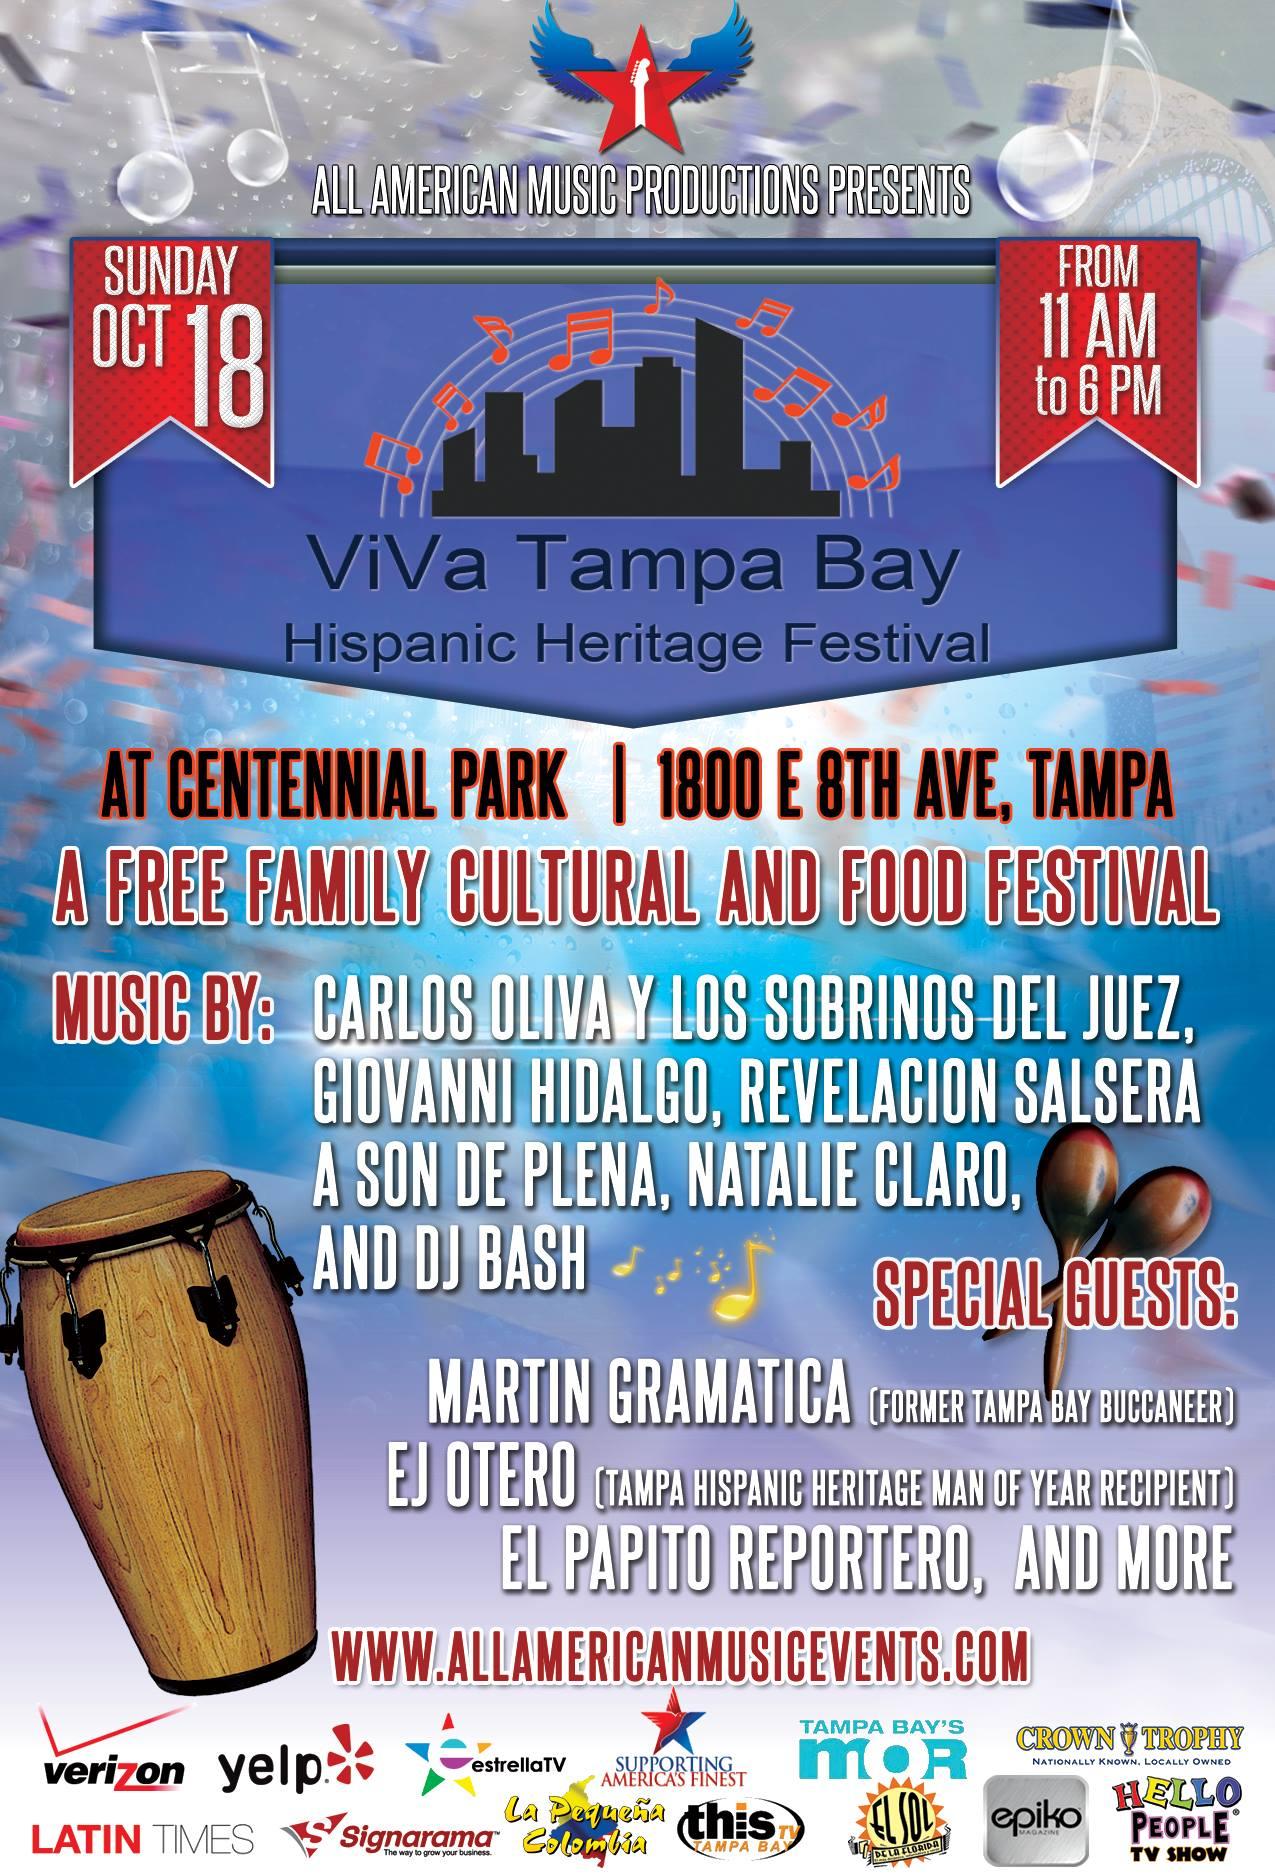 ViVa Tampa Bay